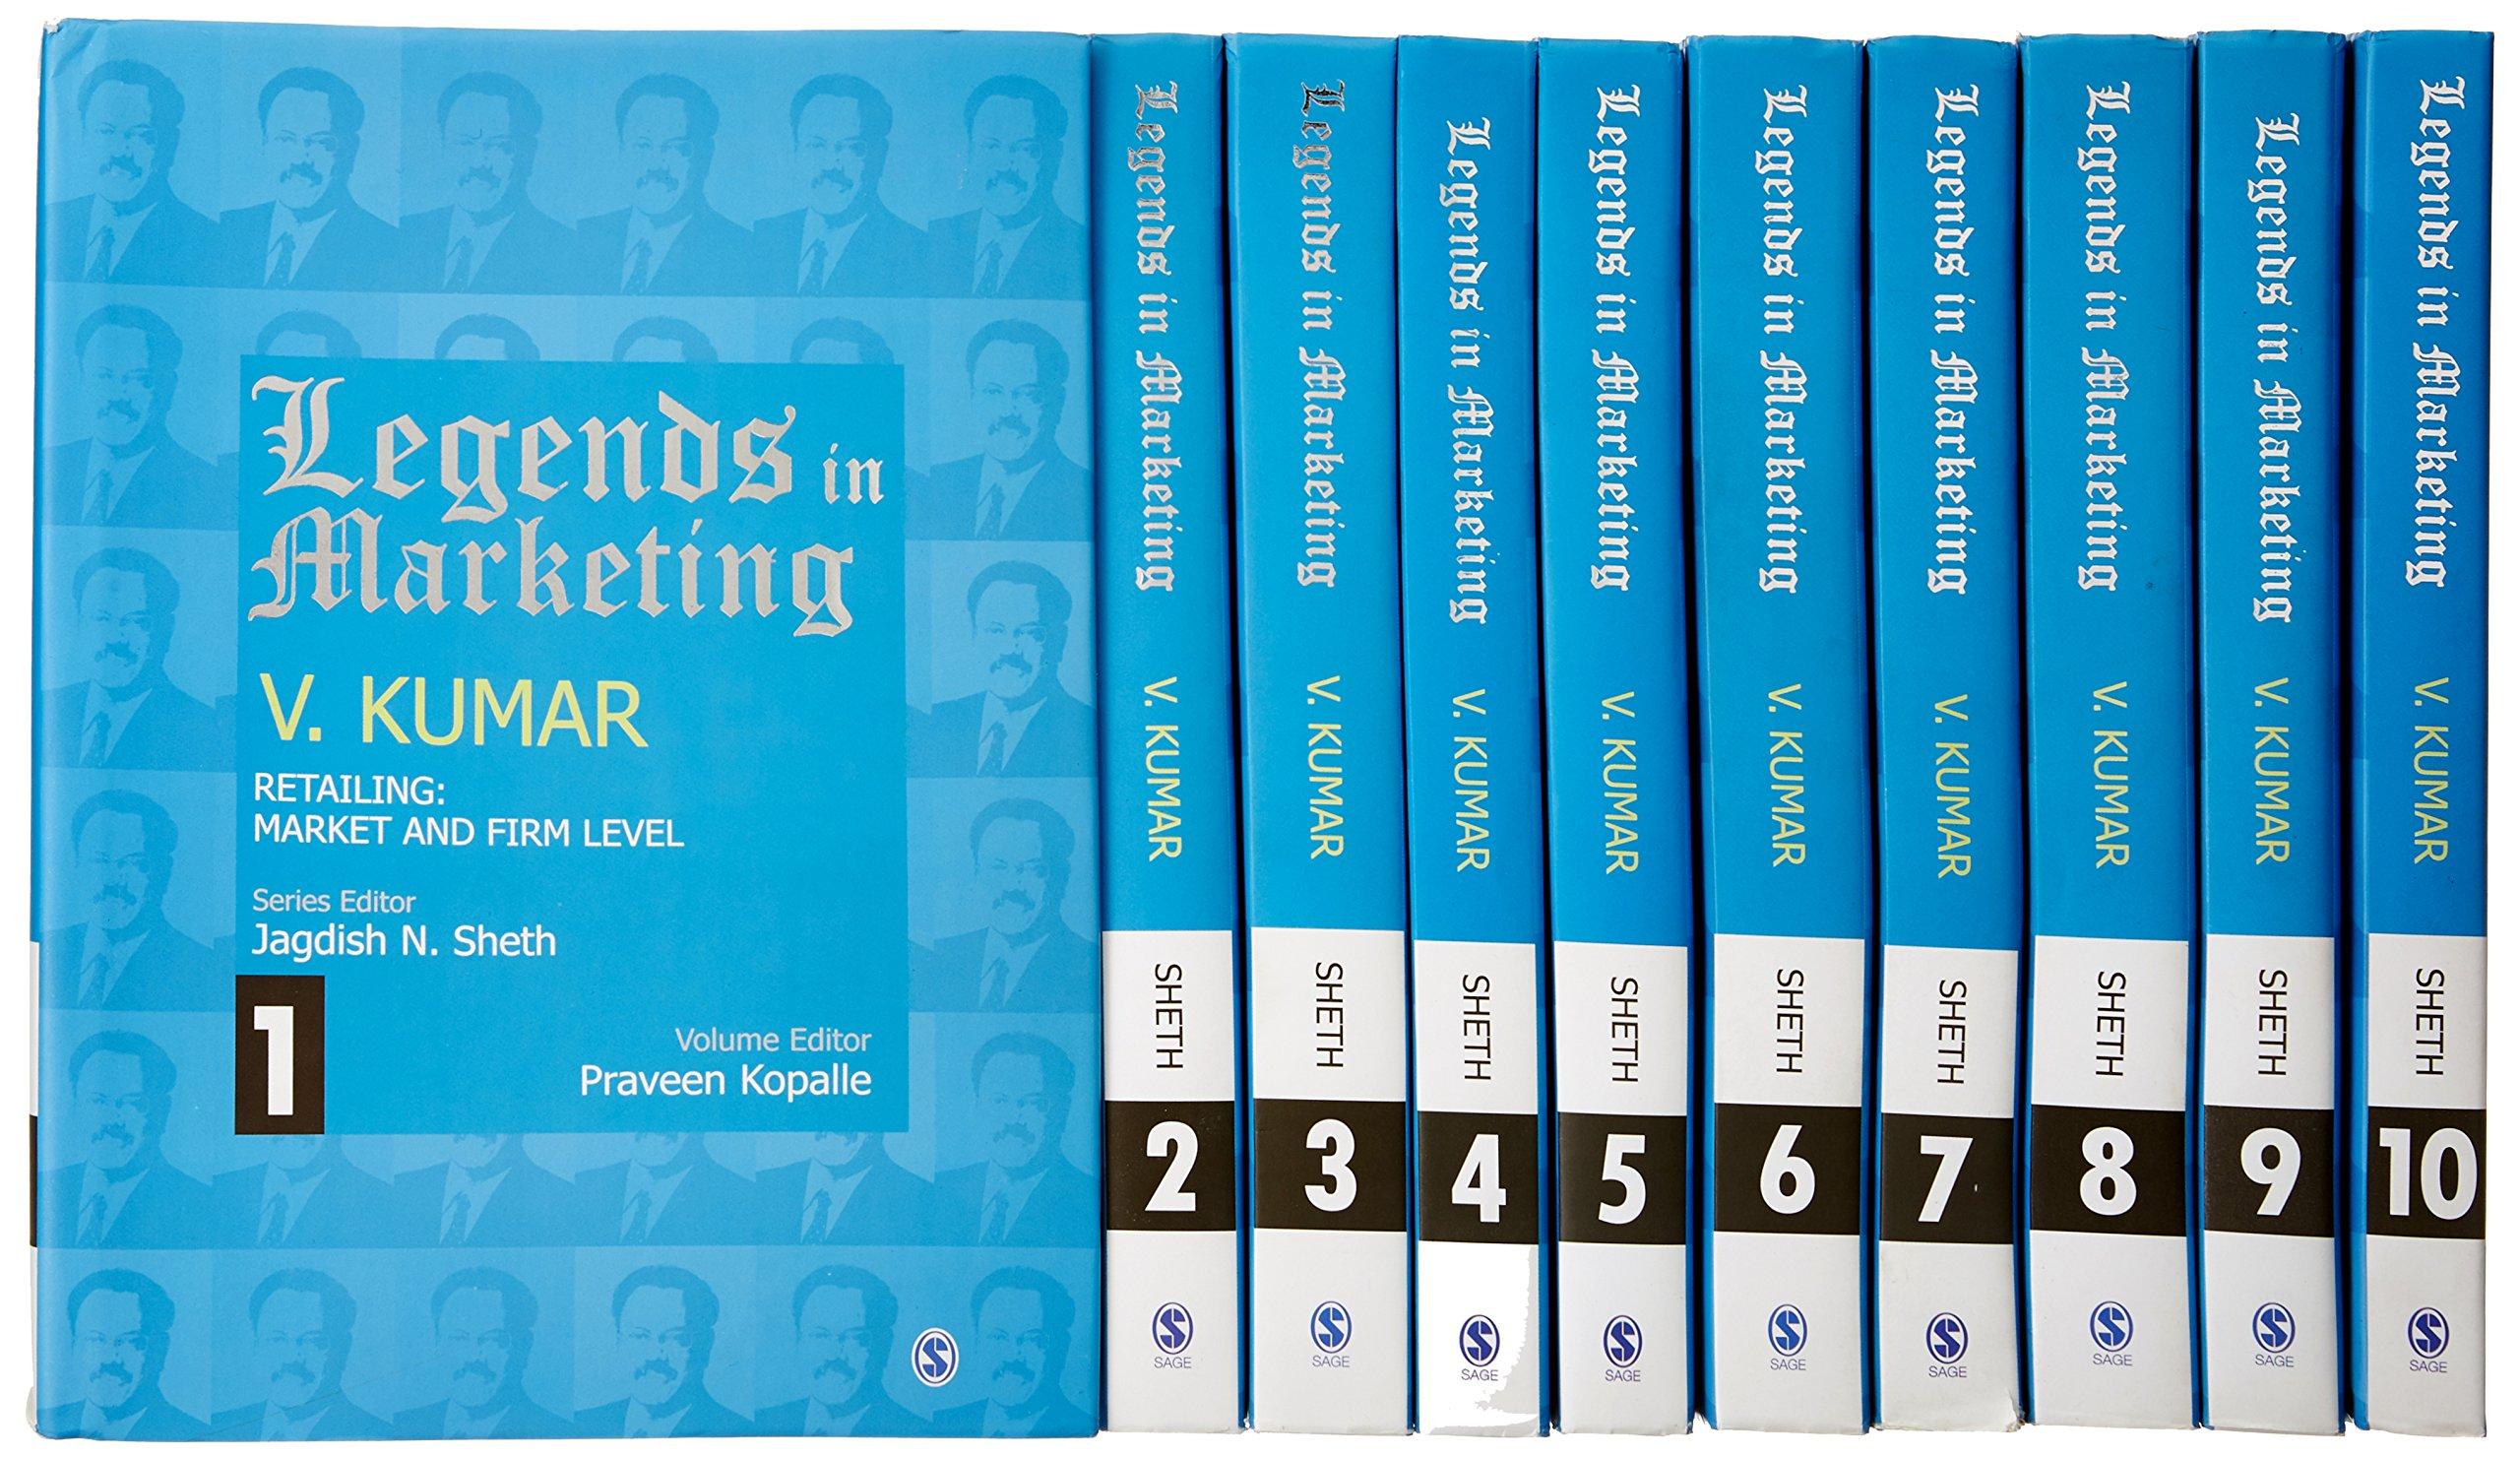 Legends in Marketing: V. Kumar: Amazon.es: Jagdish N. Sheth: Libros en idiomas extranjeros